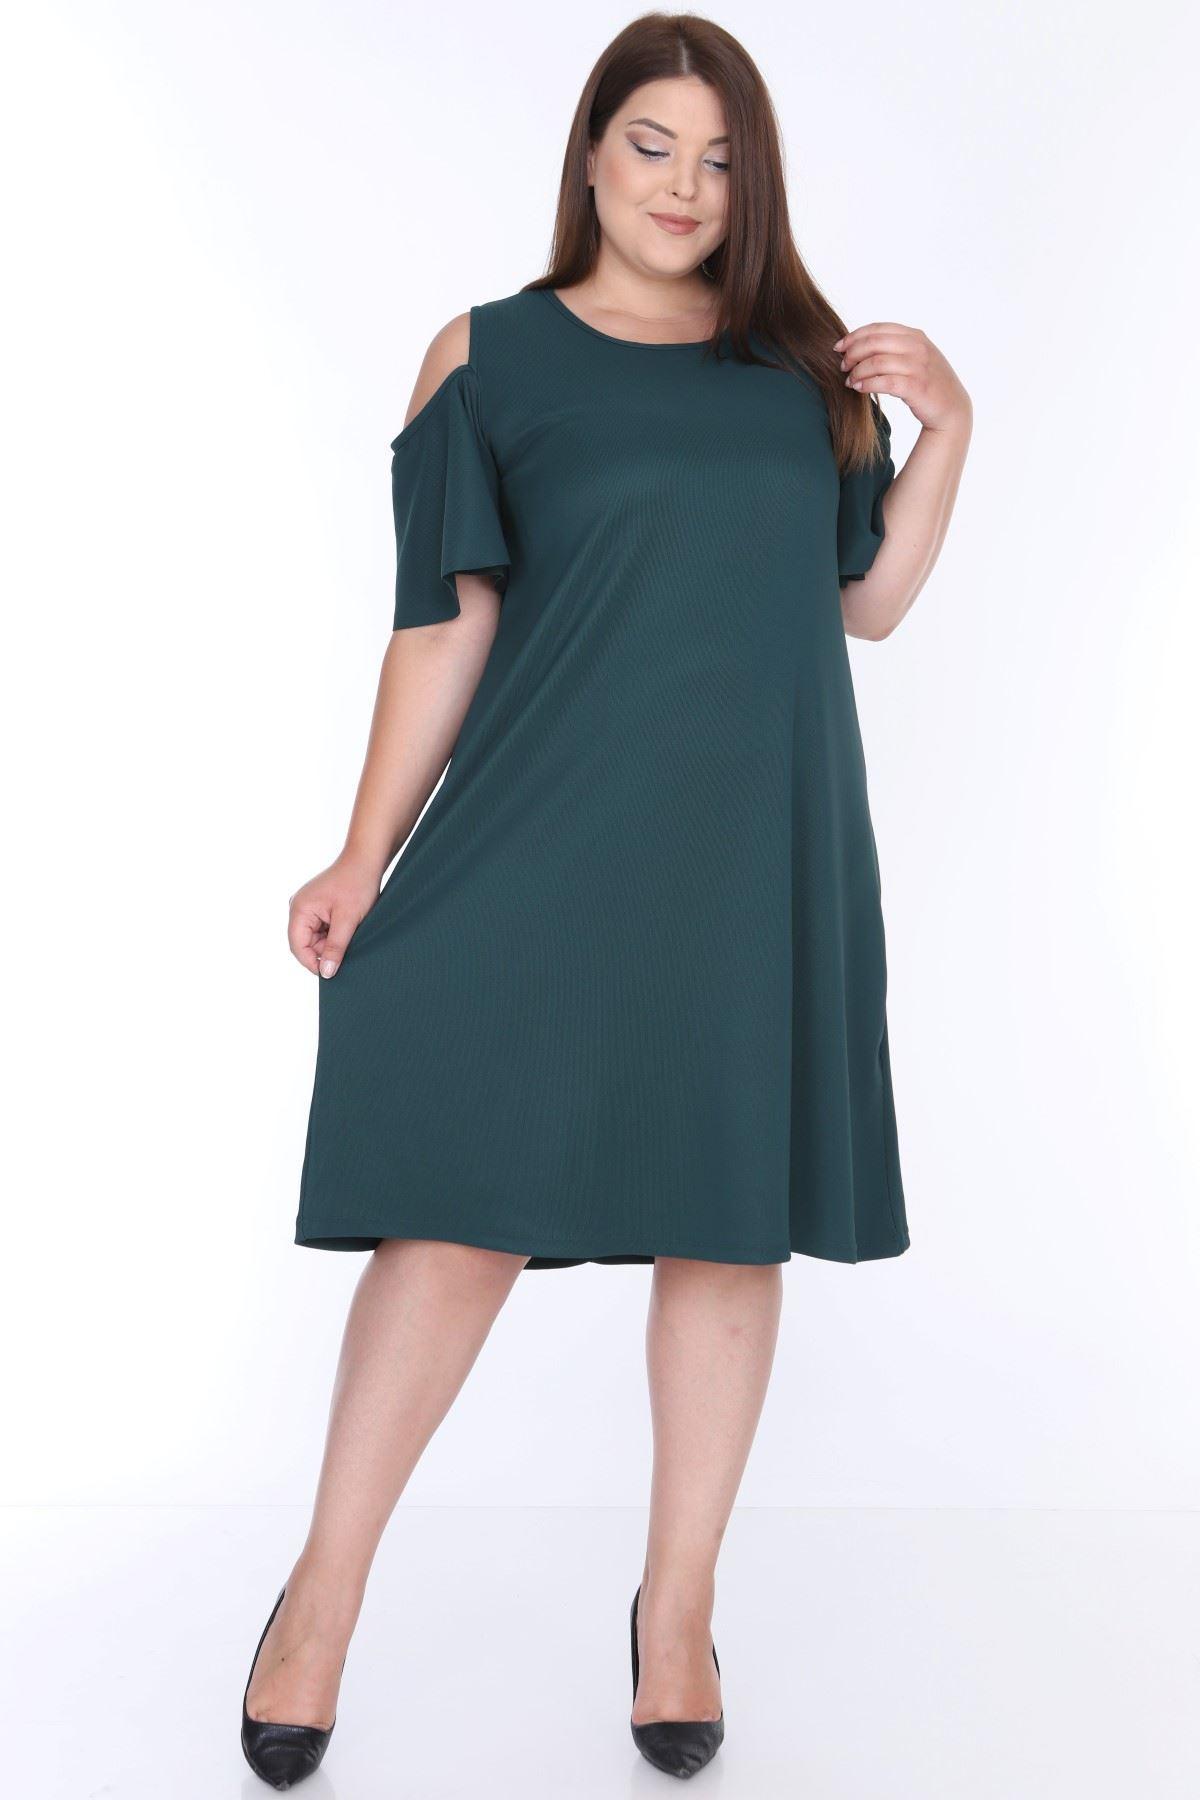 Açık Omuzlu Yeşil Büyük Beden Elbise 1B-0644